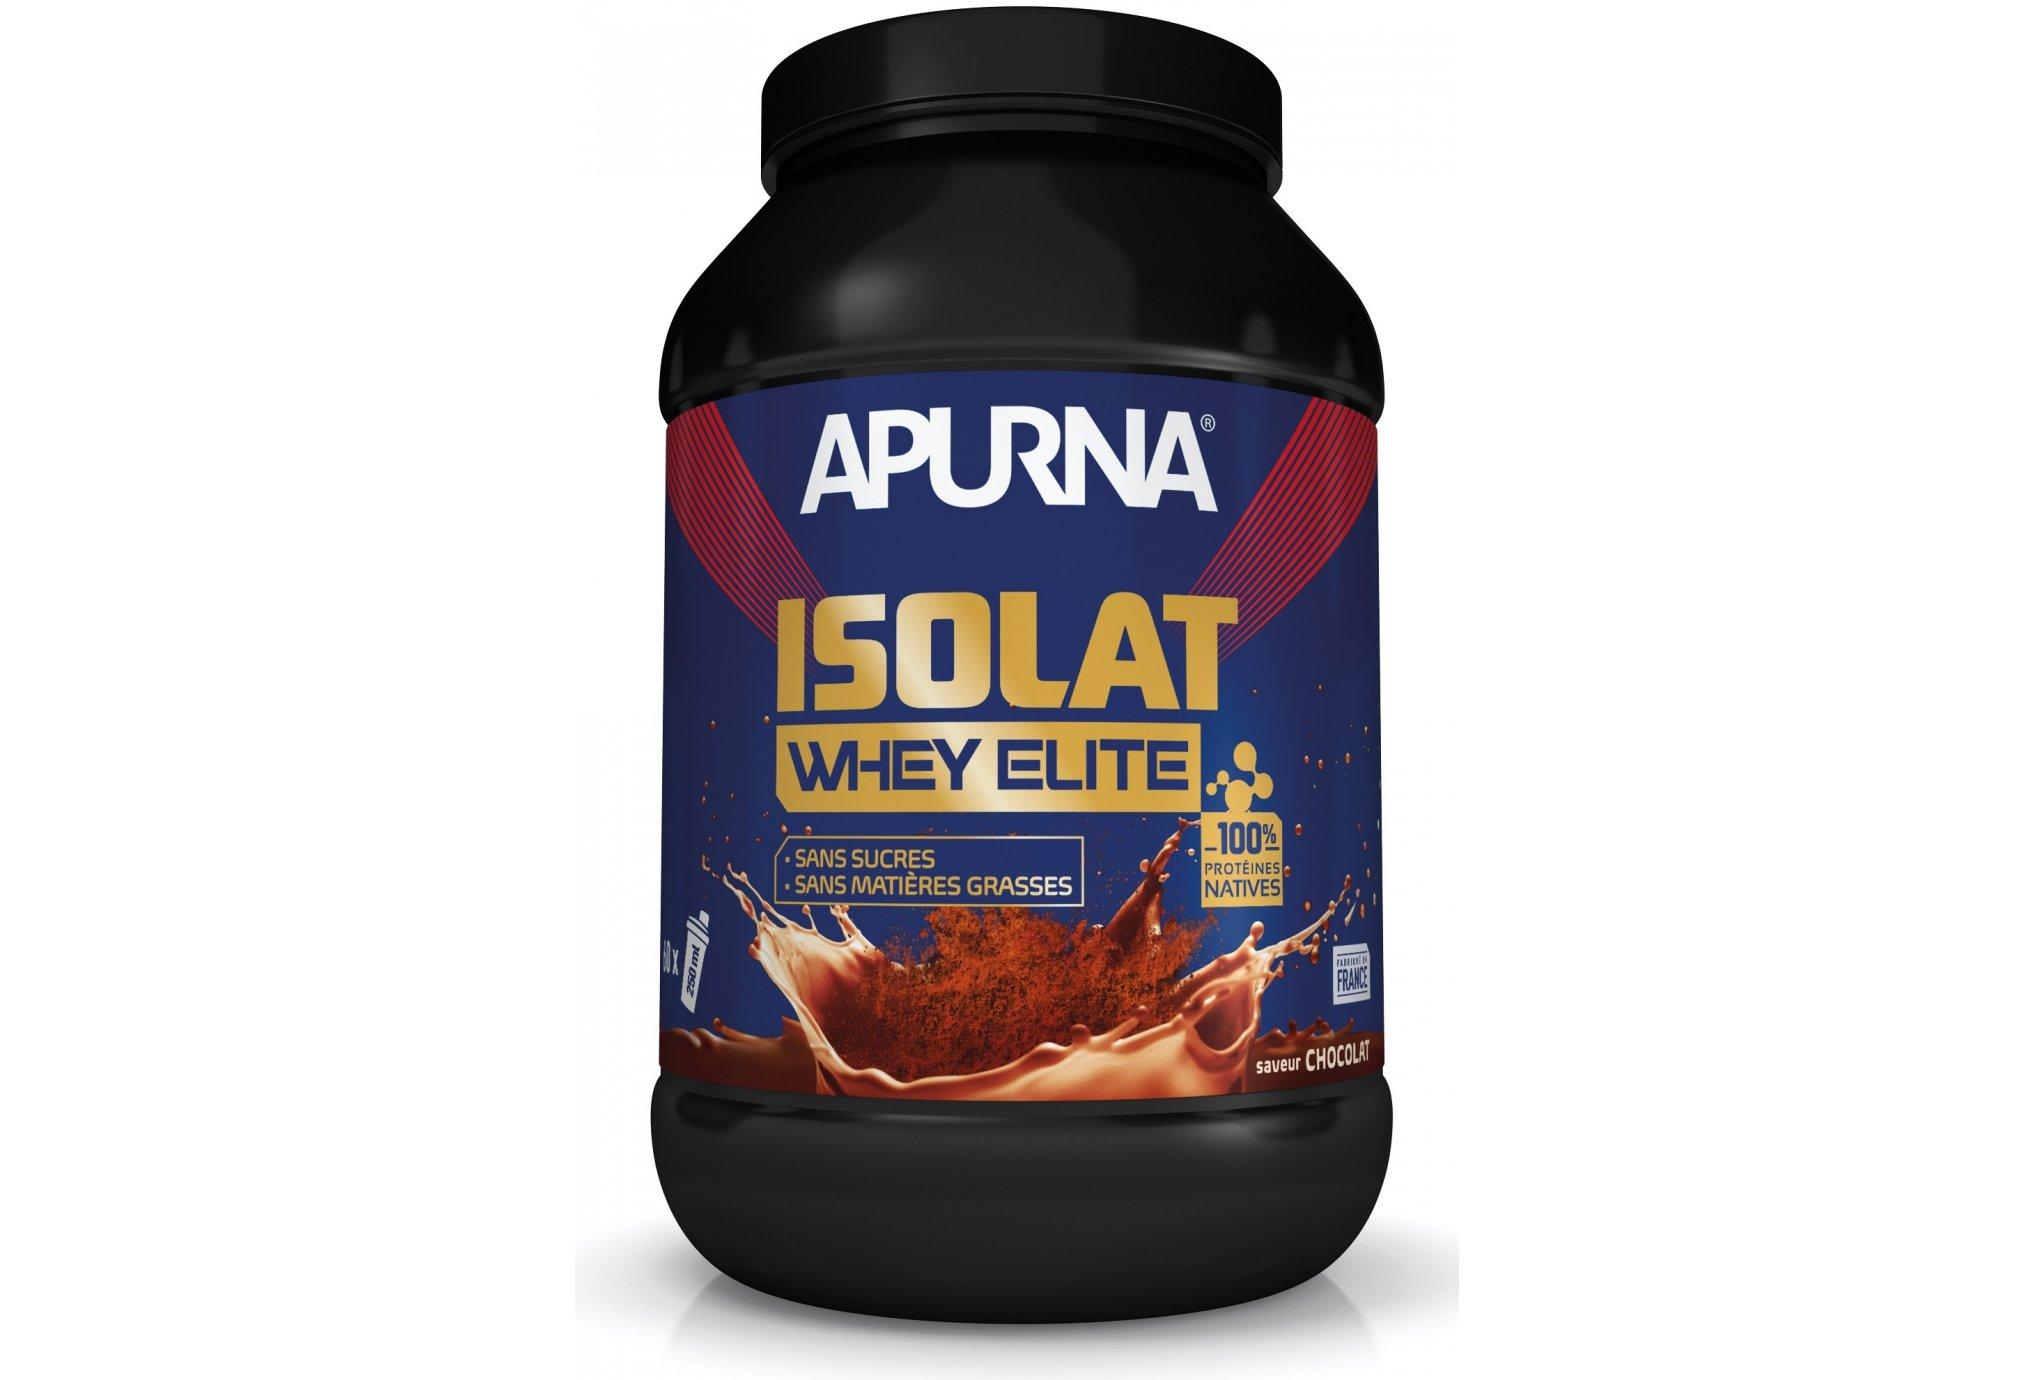 Apurna Isolat Whey Elite - Cacao Diététique Protéines / récupération